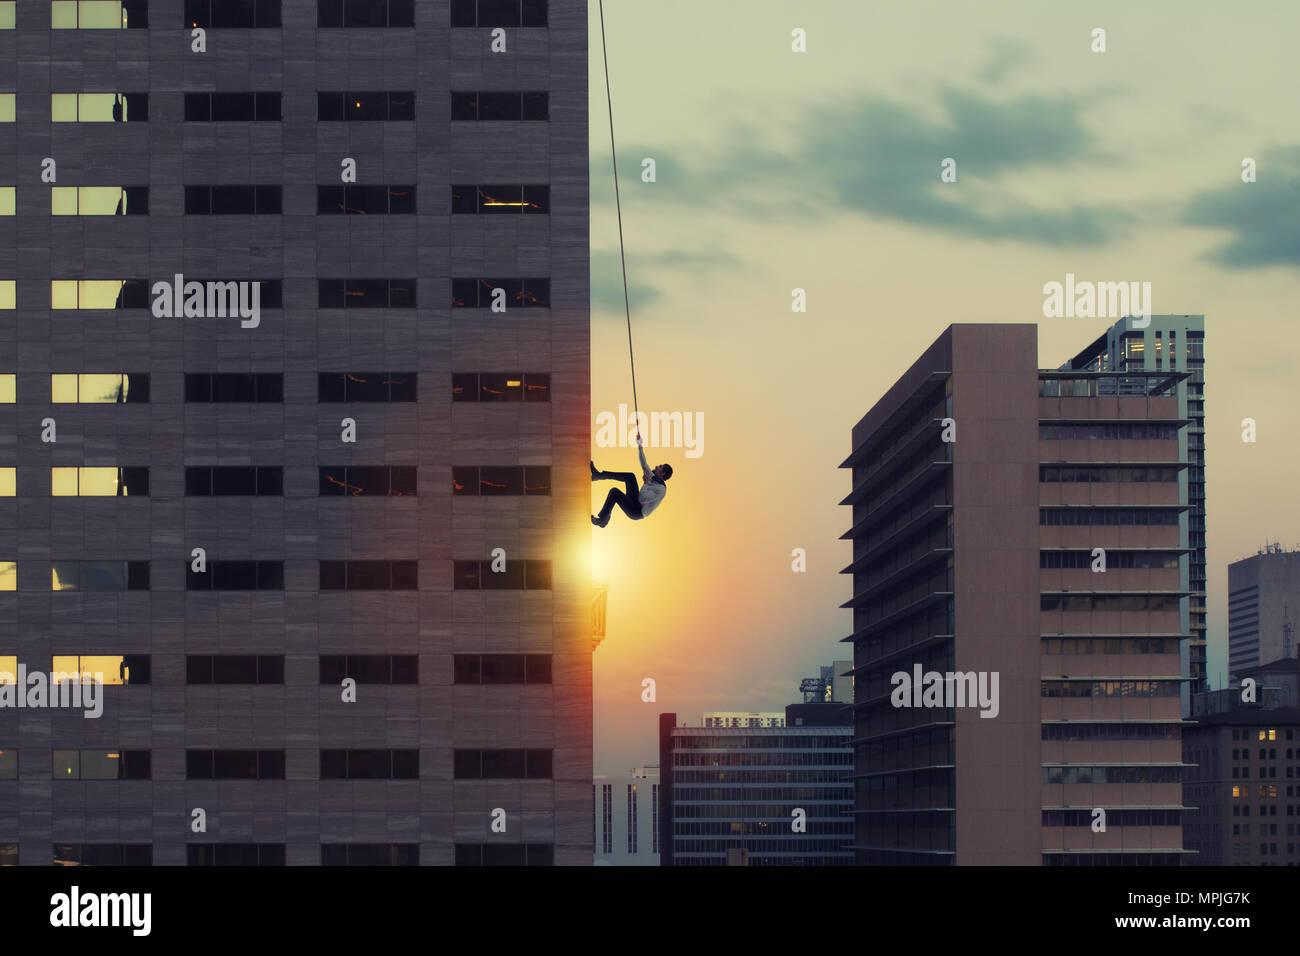 Empresario escalar un rascacielos. Logro objetivo empresarial y difícil concepto de carrera Imagen De Stock